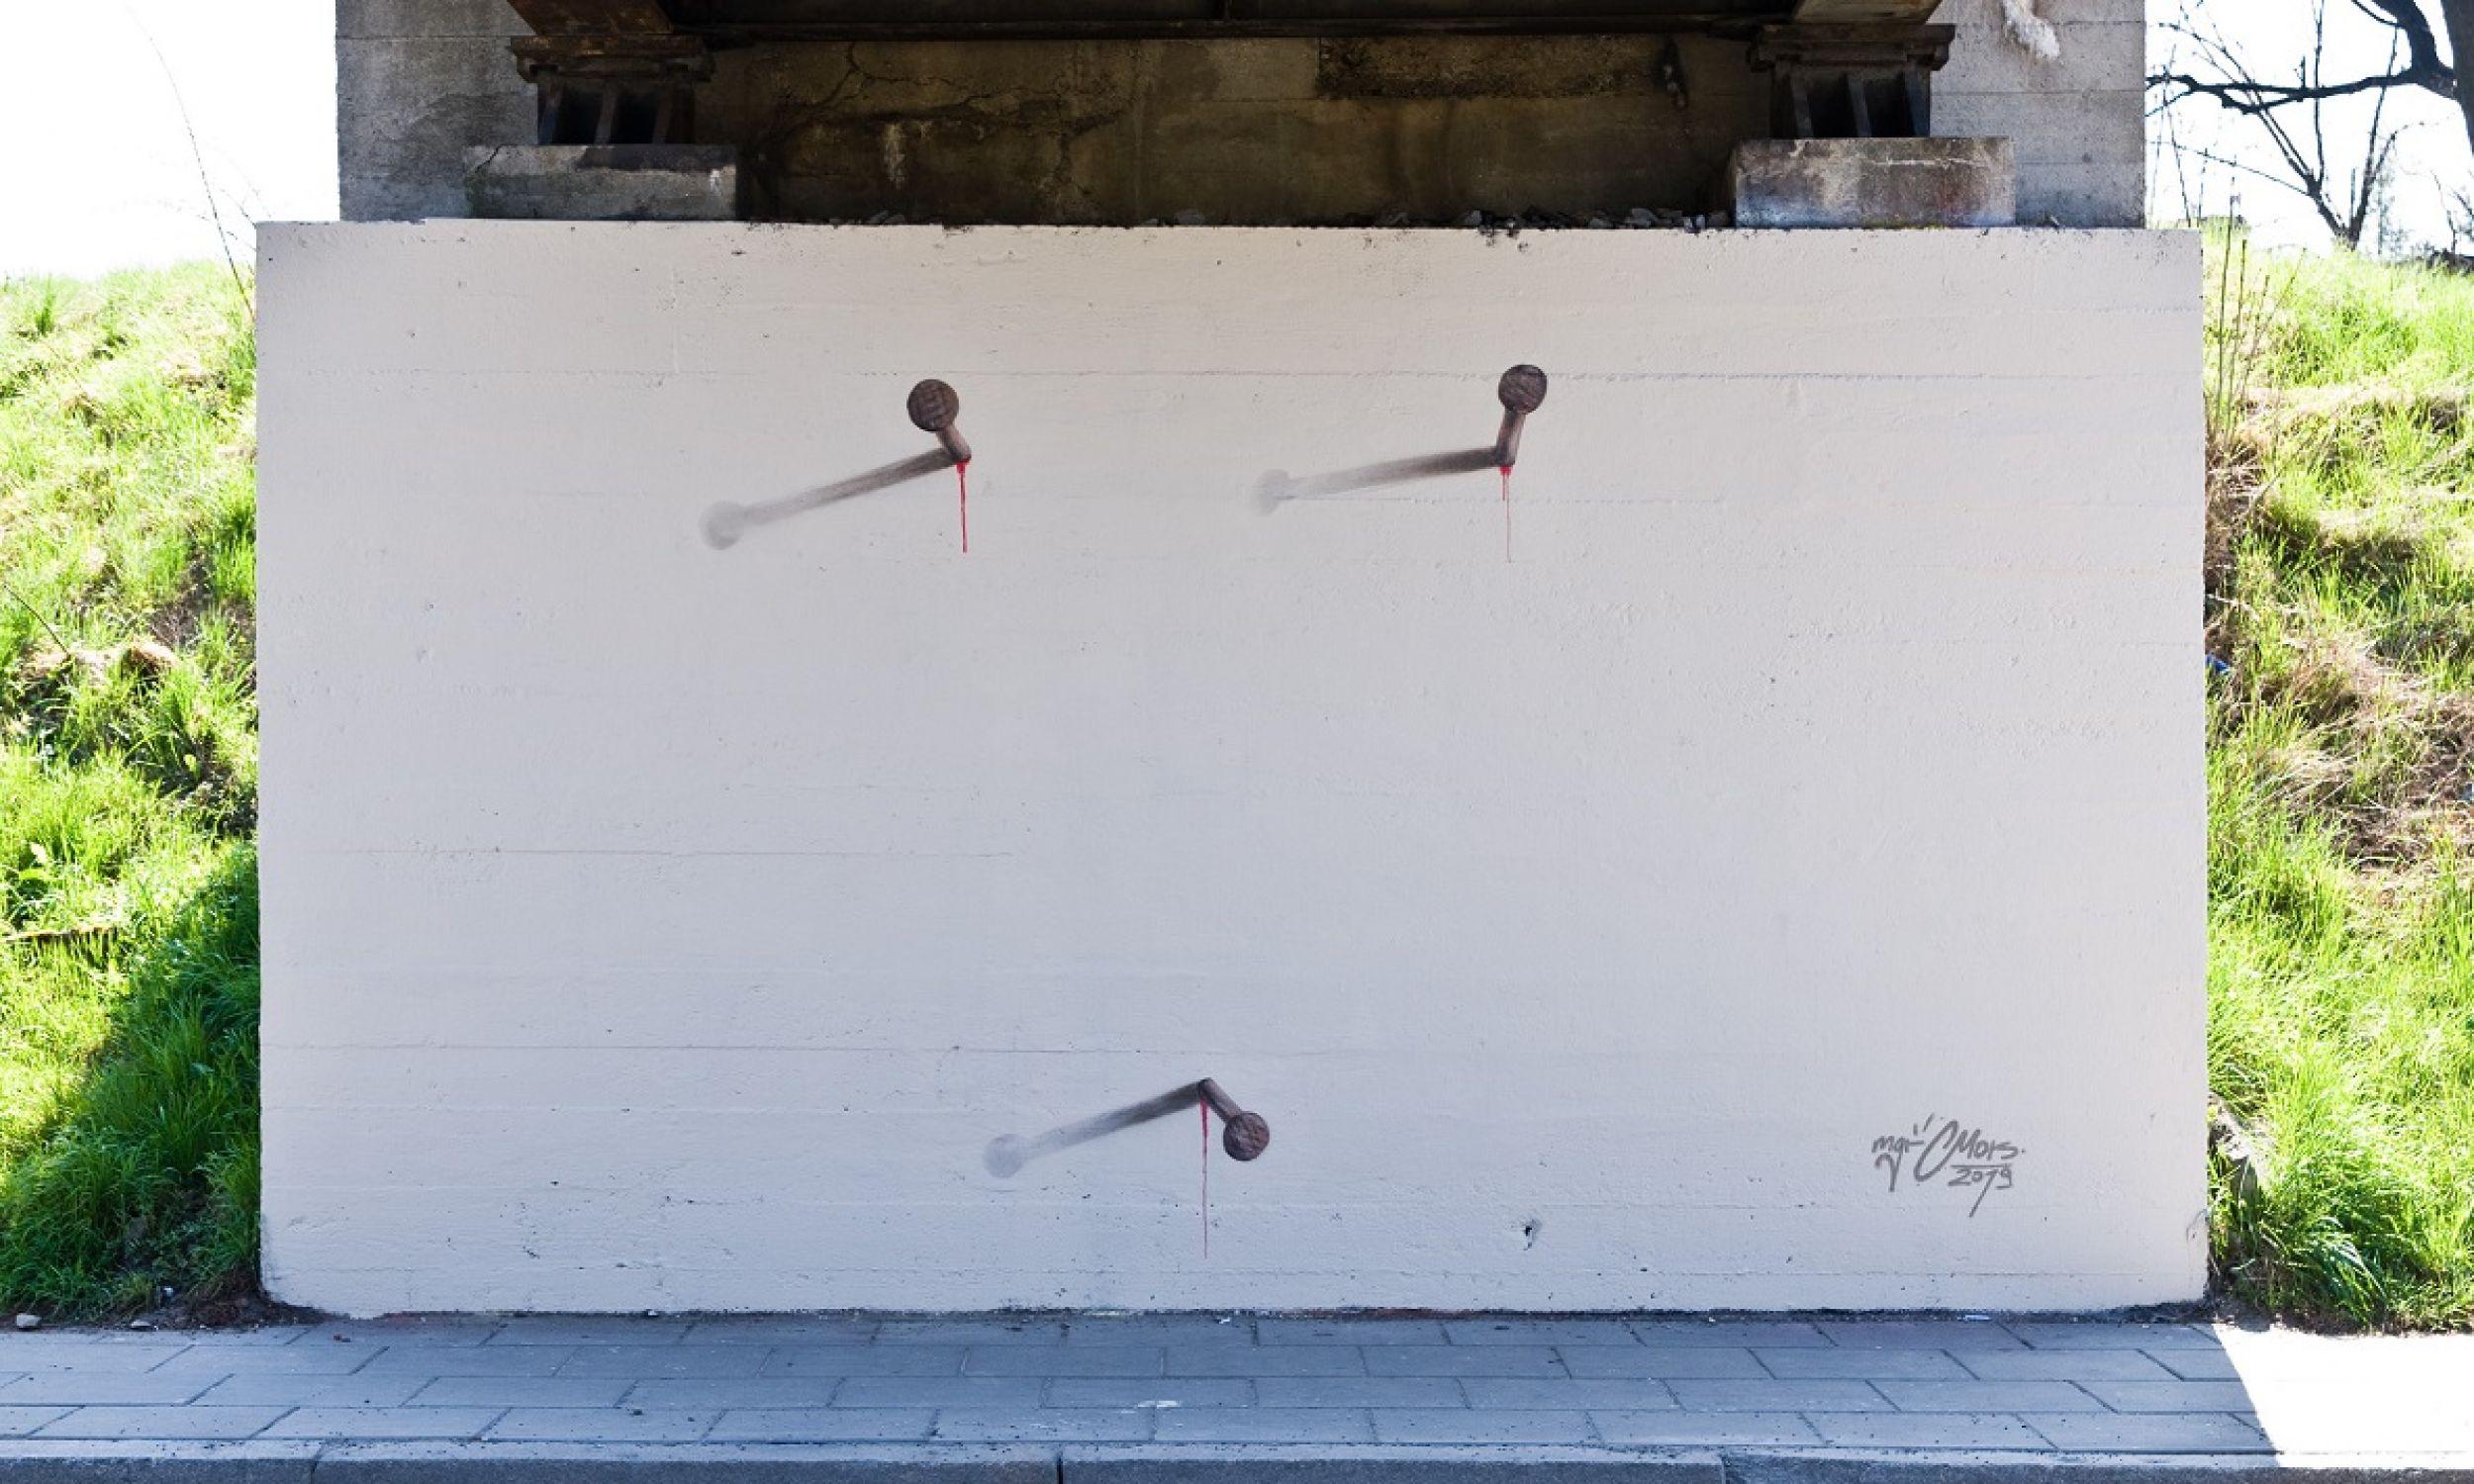 Na Wielki Piątek Mgr Mors namalował mural nawiązujący do męki Pana Jezusa: trzy gwoździe na planie niewidzialnego krzyża, a w miejscu ich wbicia w ścianę cieknąca krew Chrystusa. Fot. archiwum Mariusza Brodowskiego